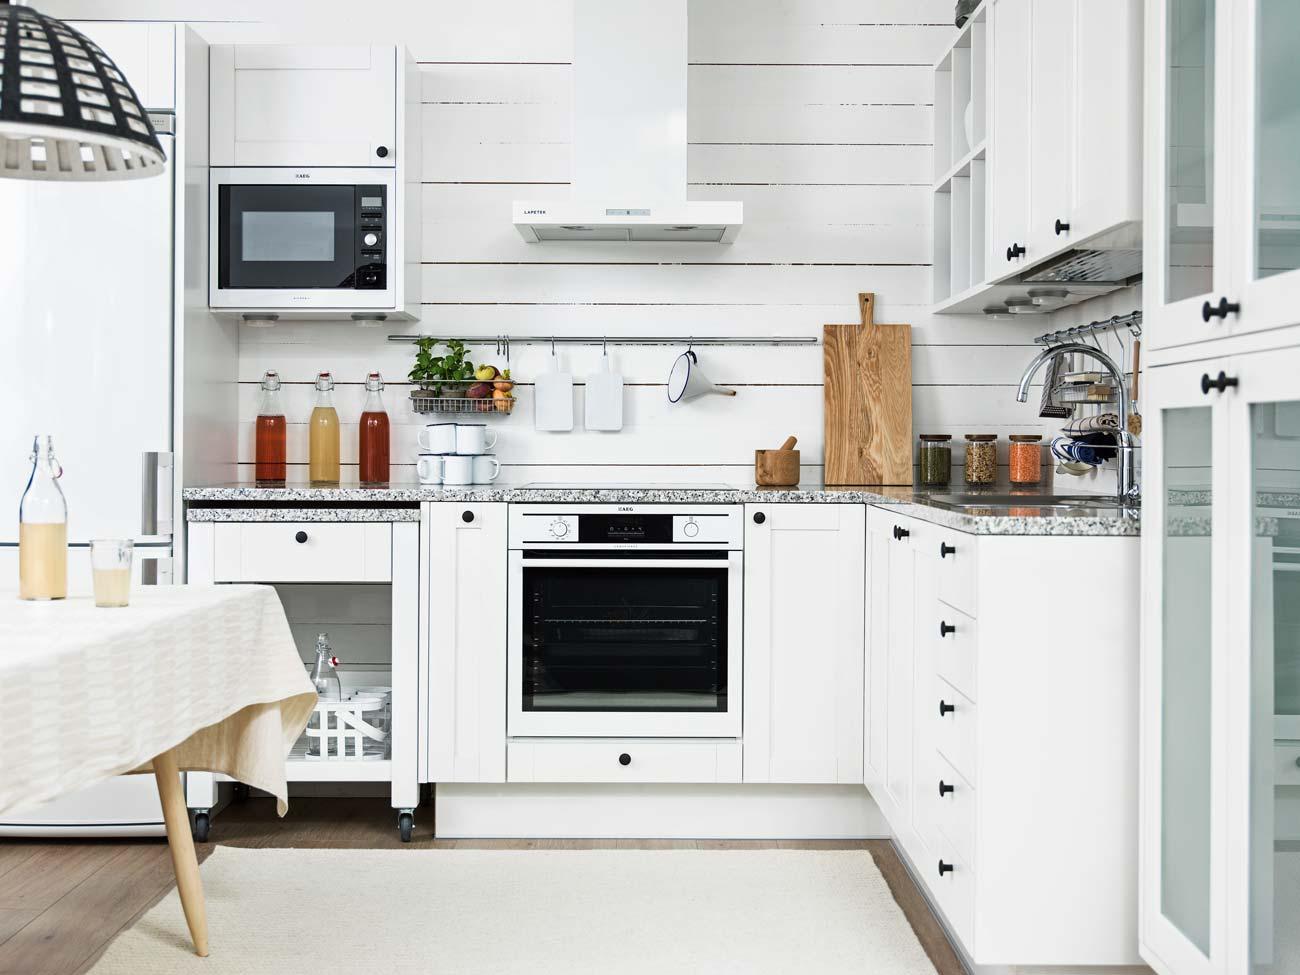 1Ekologisuus_on_keittiössä_IN_web